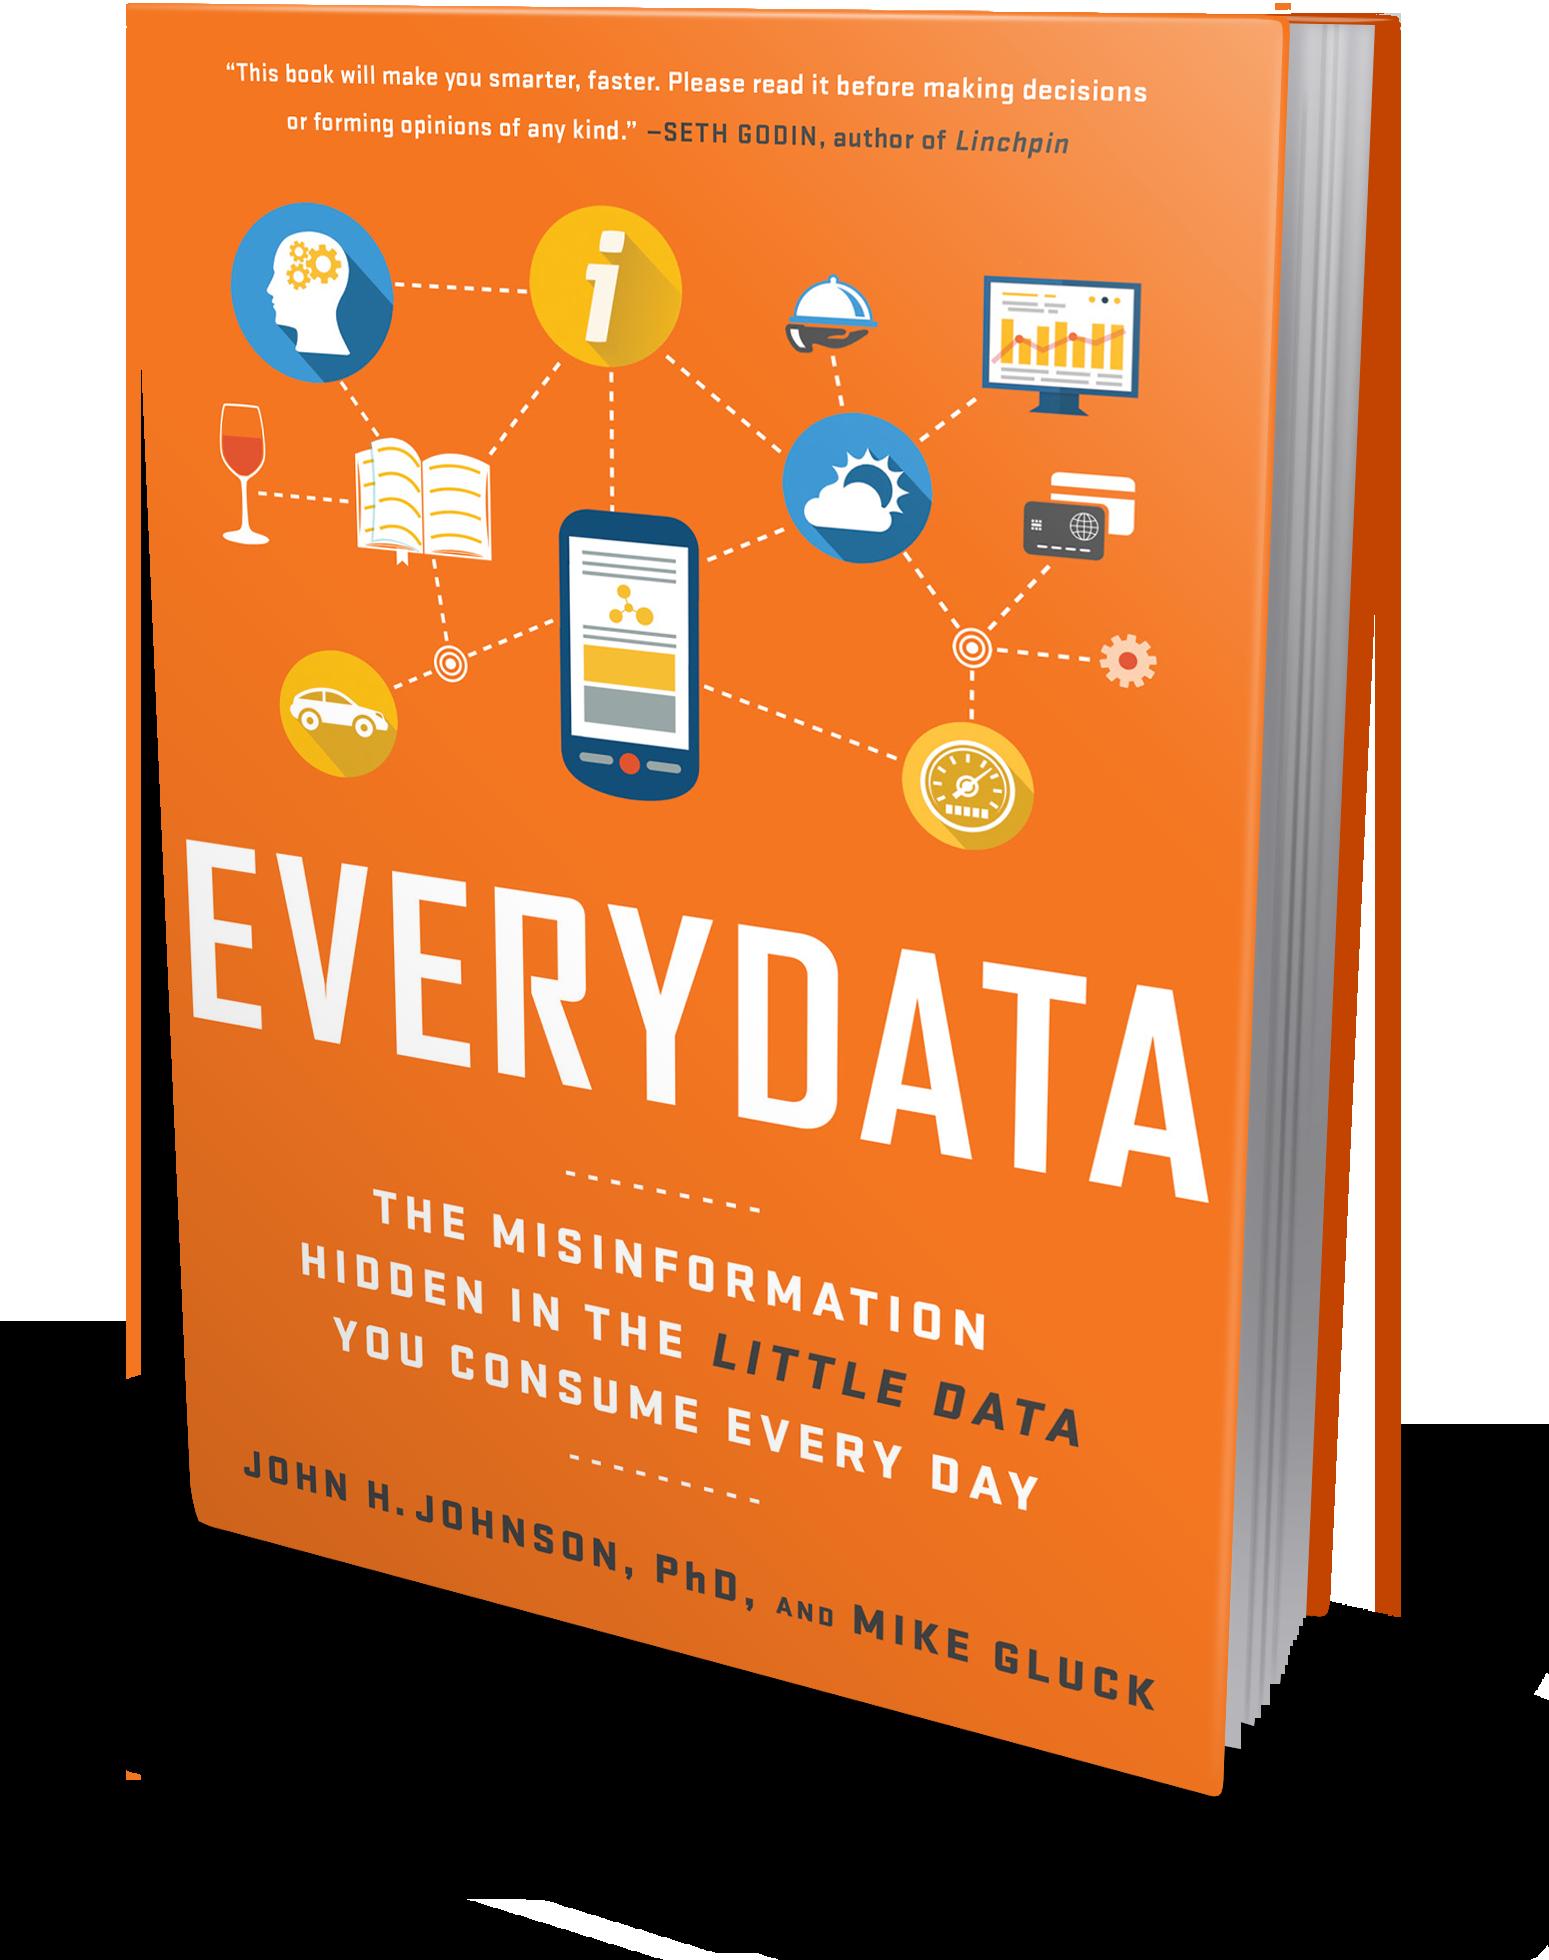 Everydata-3D_FINAL copy.png